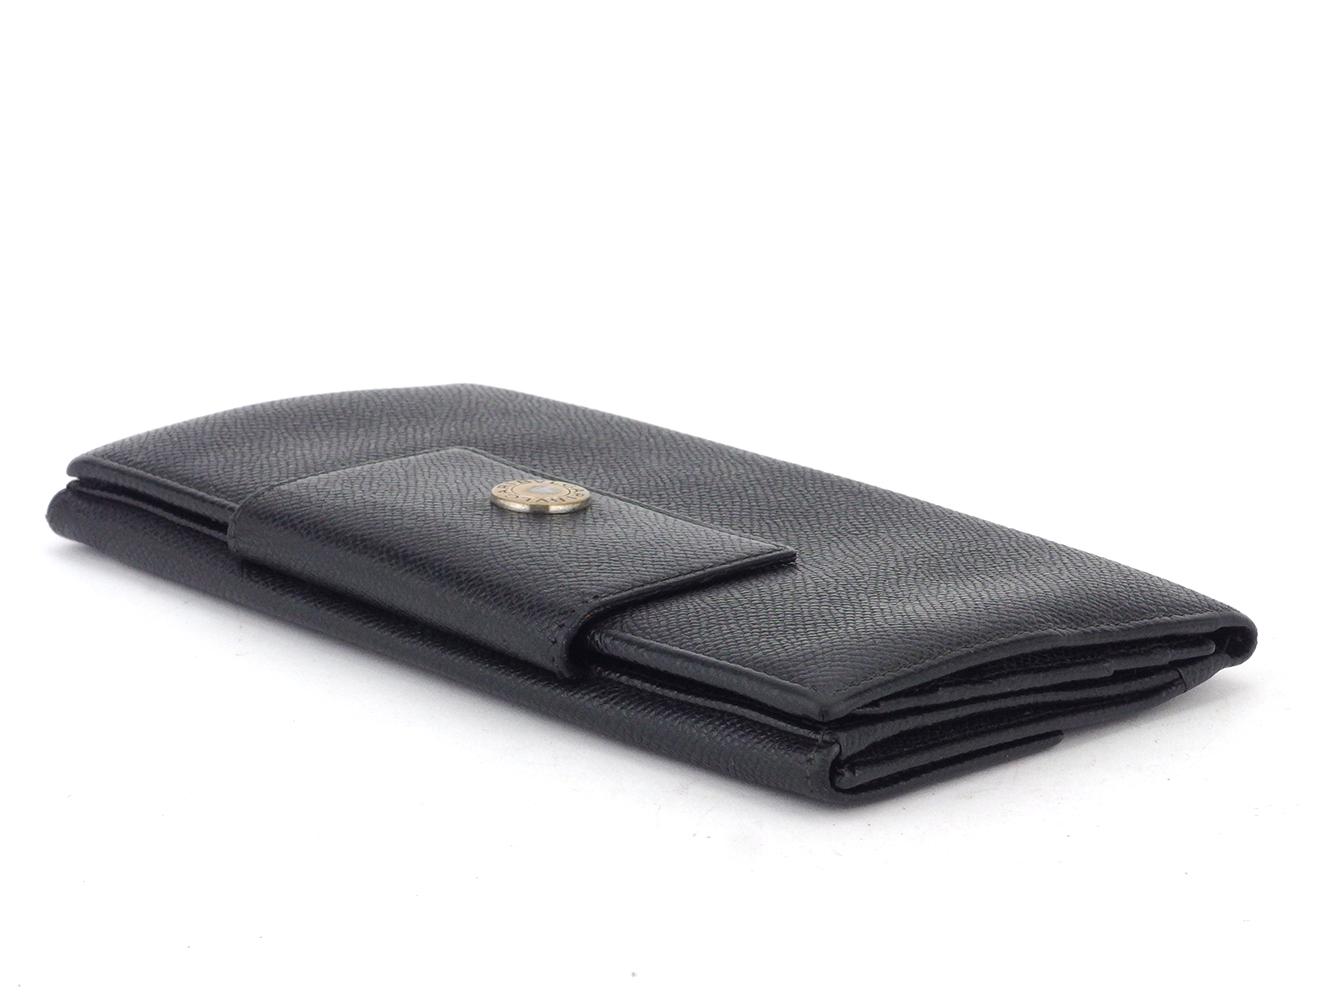 ブルガリ 長財布 Wホック 三つ折り 財布 レディース メンズ ロゴボタン ブラック ゴールド レザー BVLGARI T105754LAjR35q